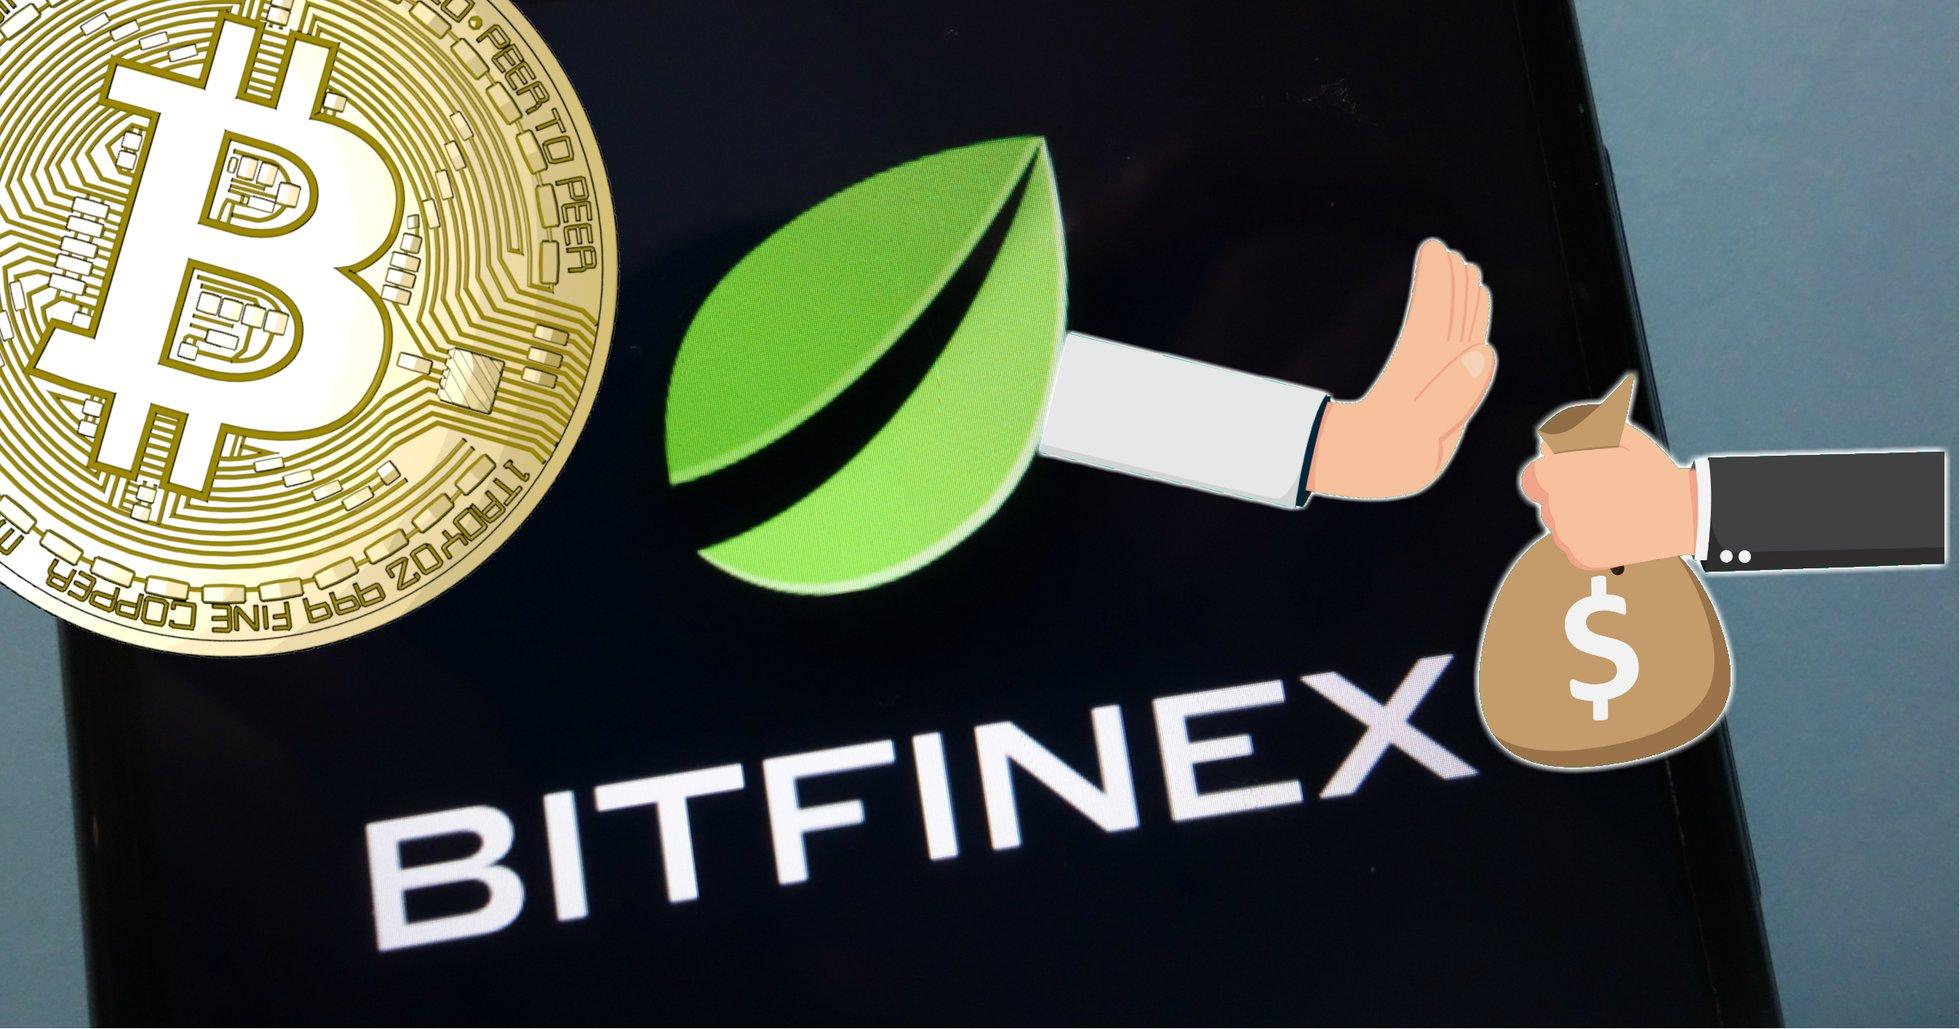 Kryptobörsen Bitfinex stoppar insättningar av fiatpengar.